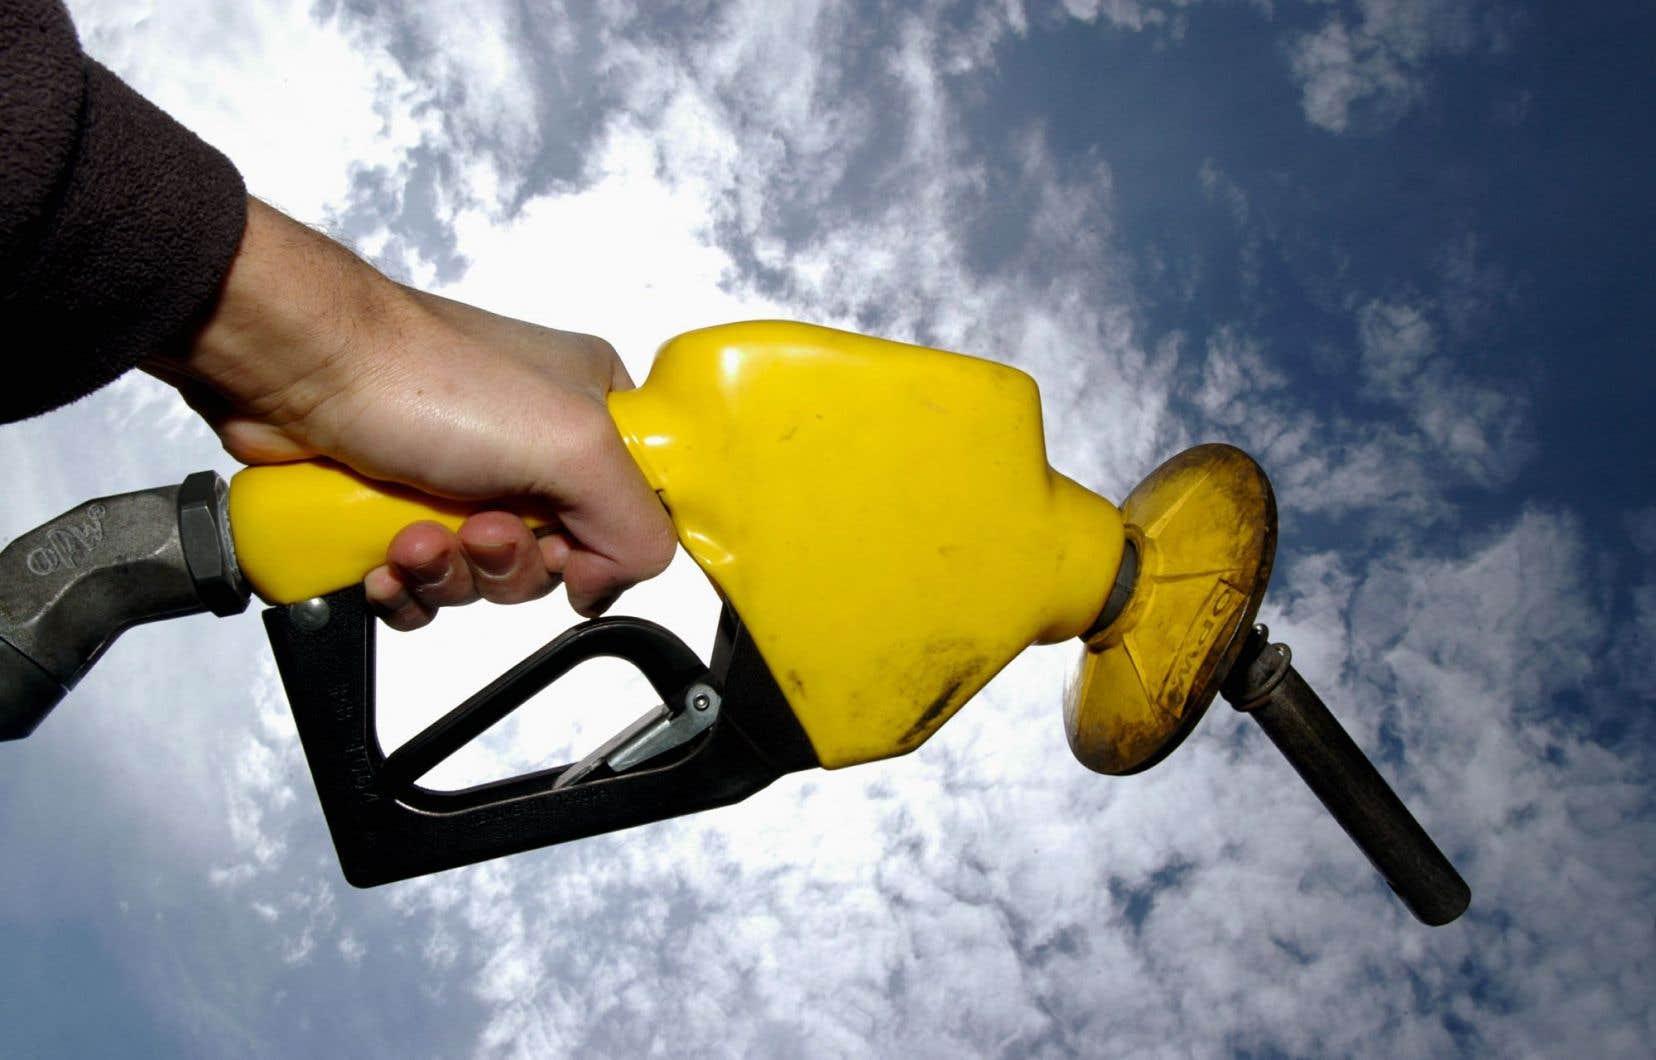 De nombreux répondants ont cité à tort le pétrole comme une ressource renouvelable.